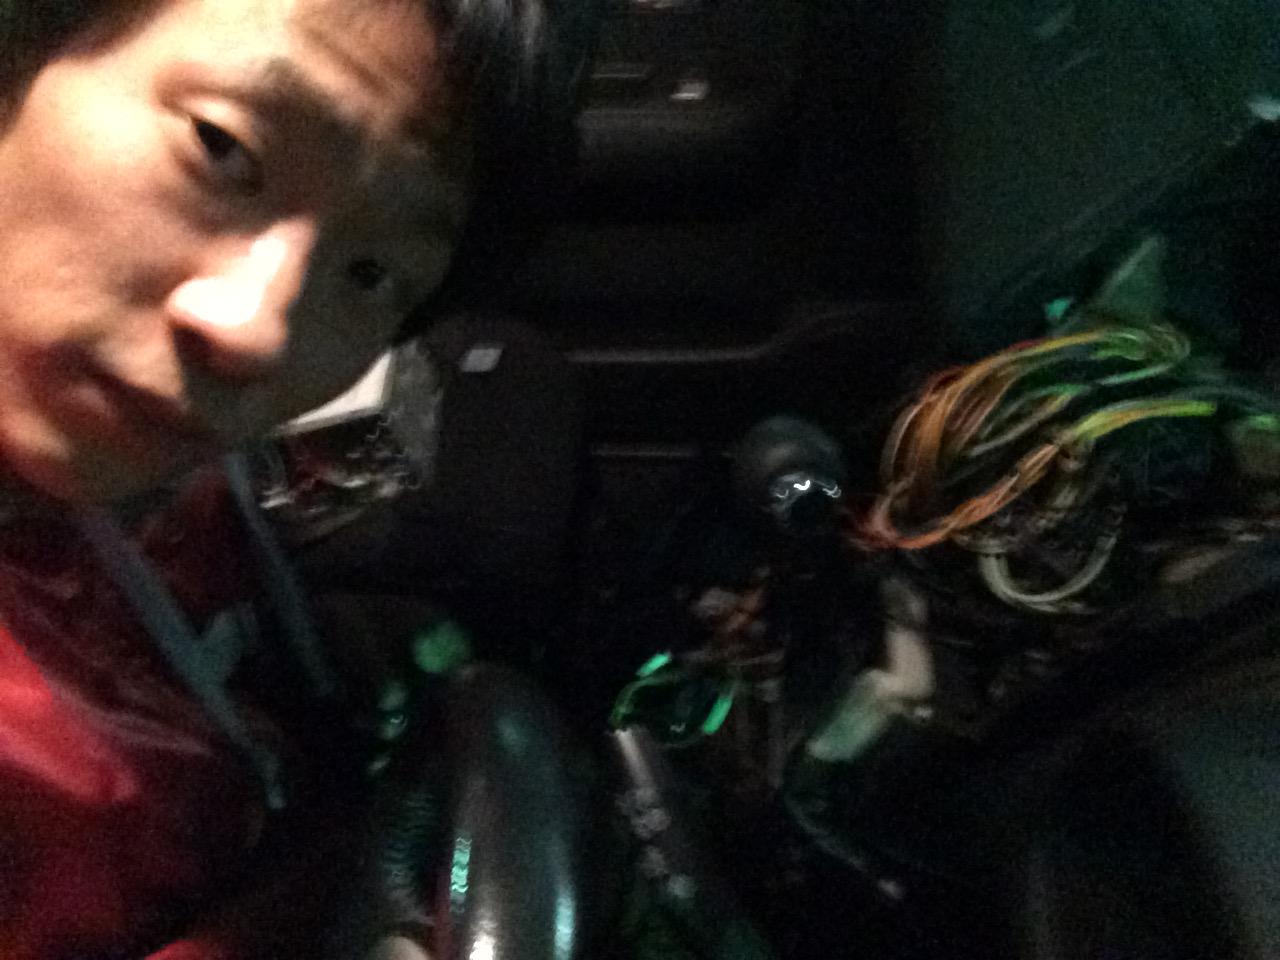 10月24日(金)トミーアウトレット☆グッチーブログ♪納車祭り!!軽自動車♪100万以下車☆_b0127002_18225971.jpg